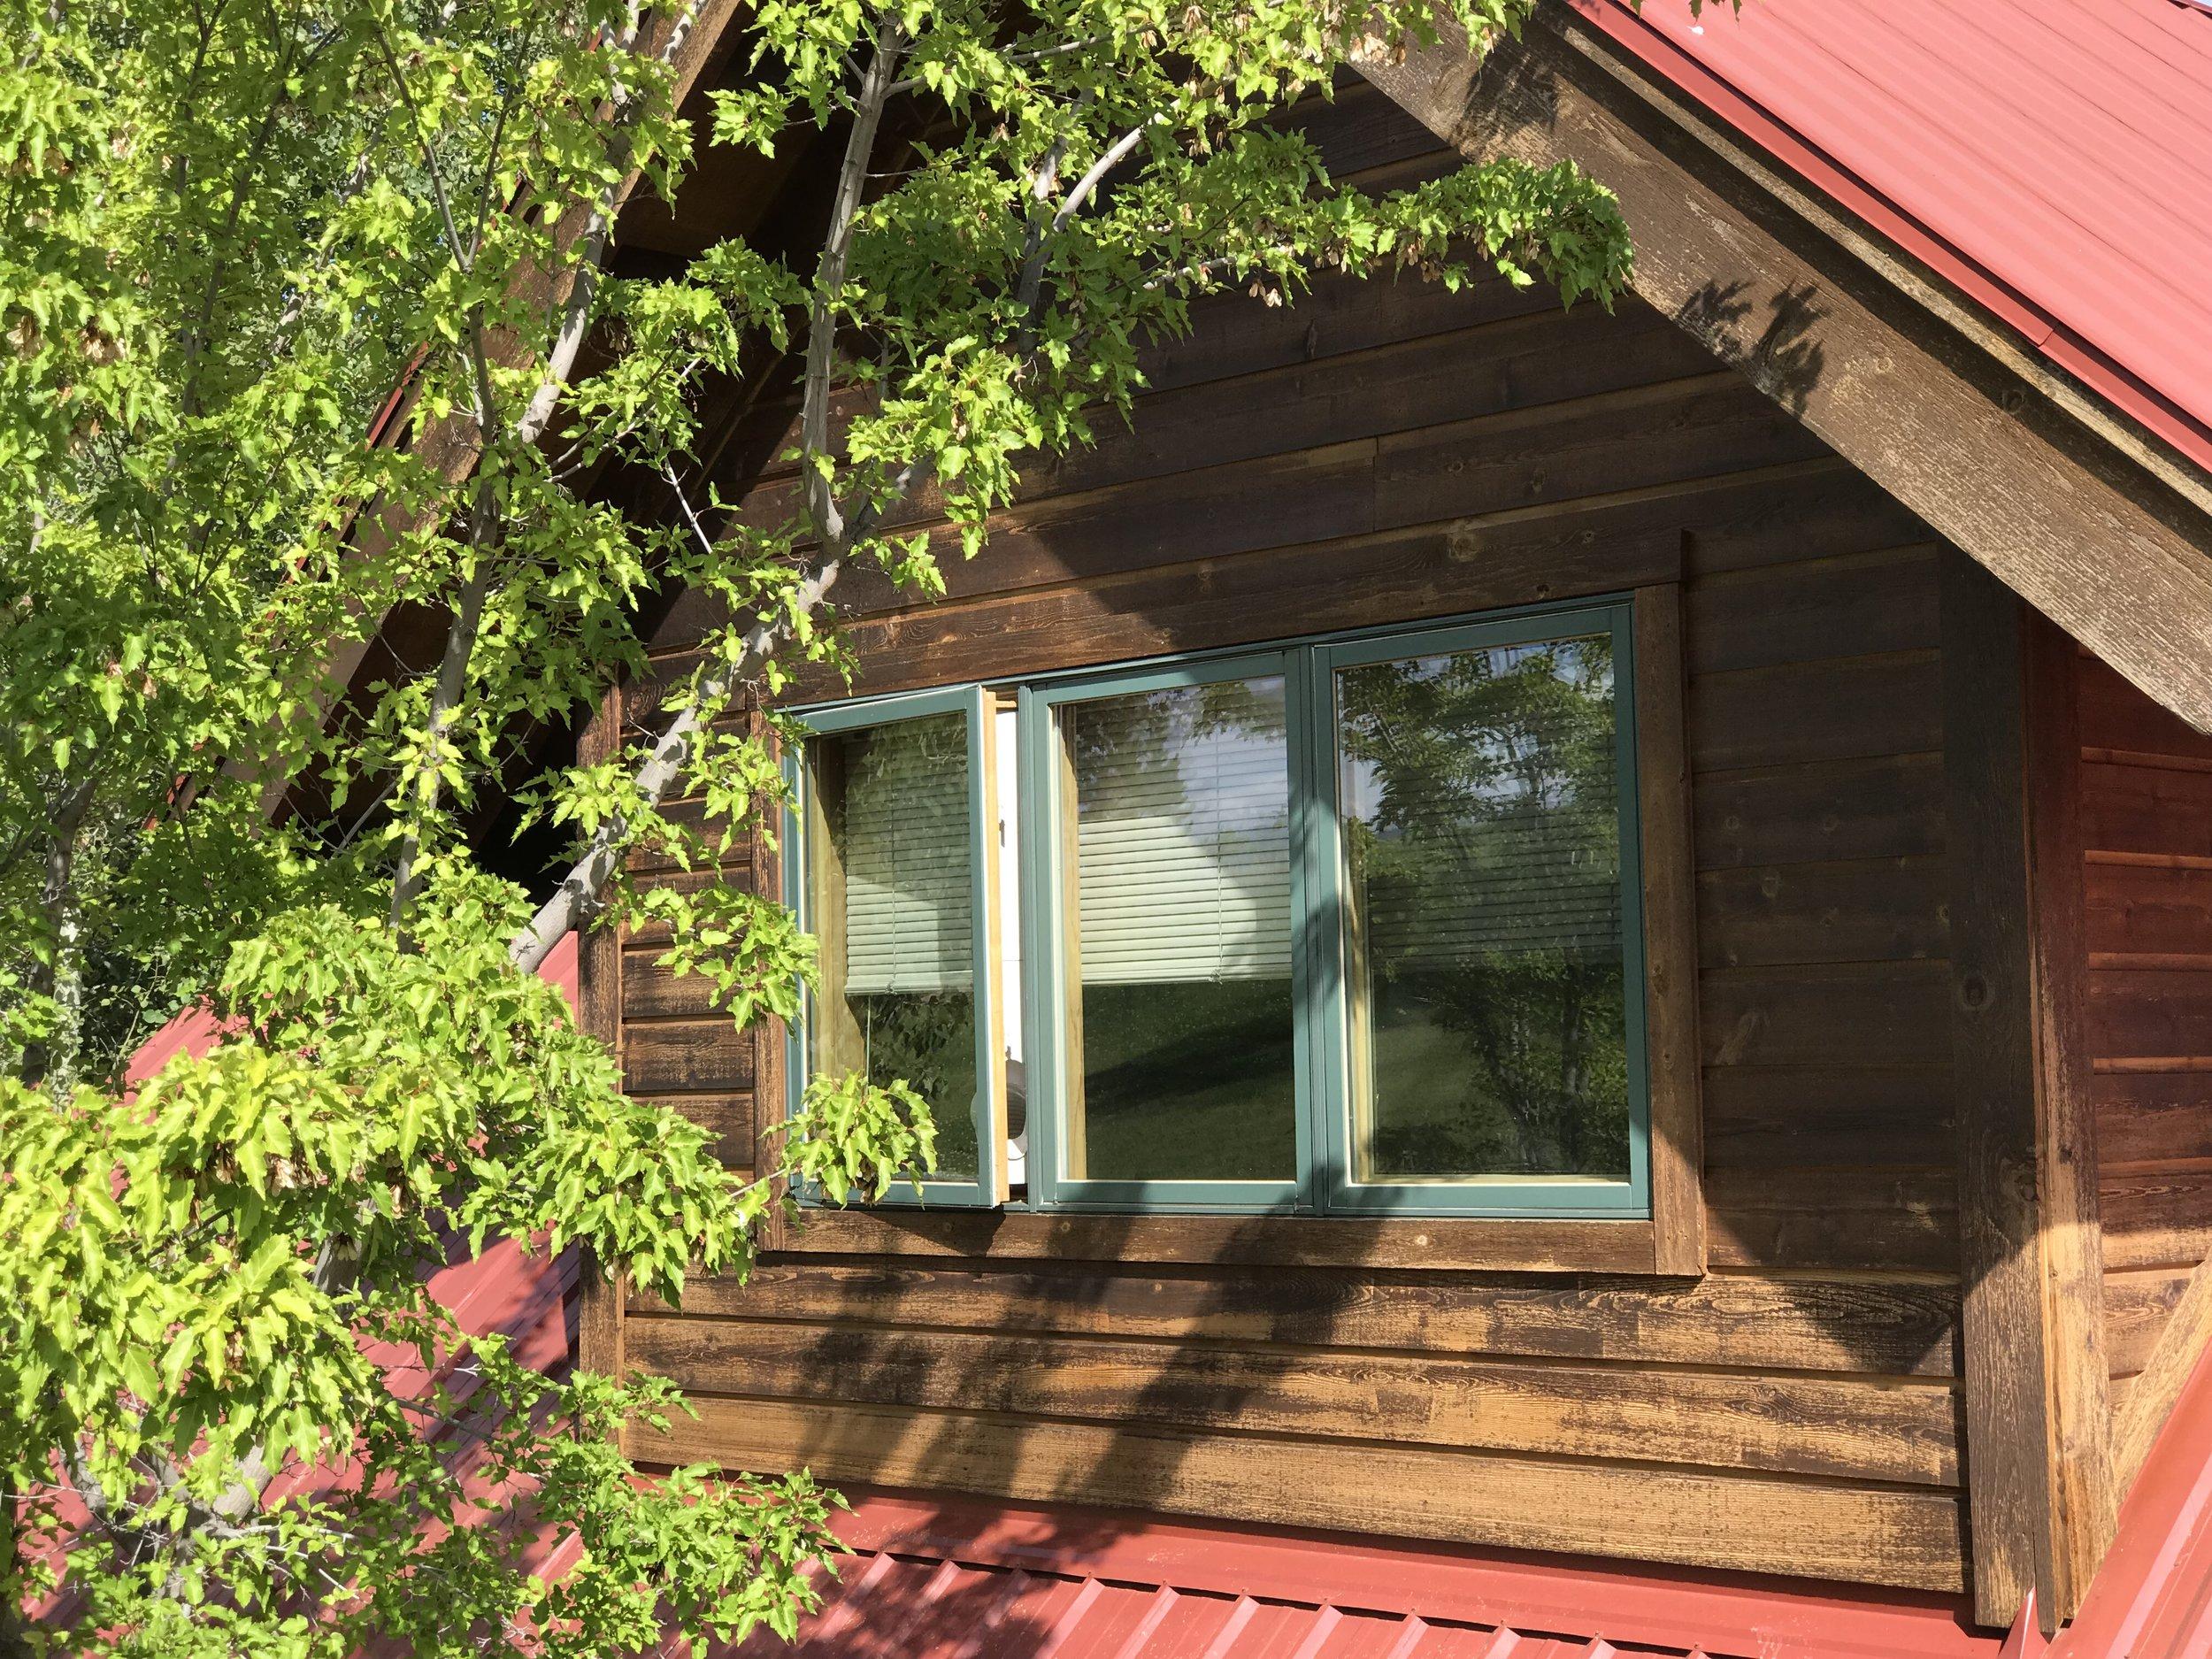 The Upper Room - bedroom window